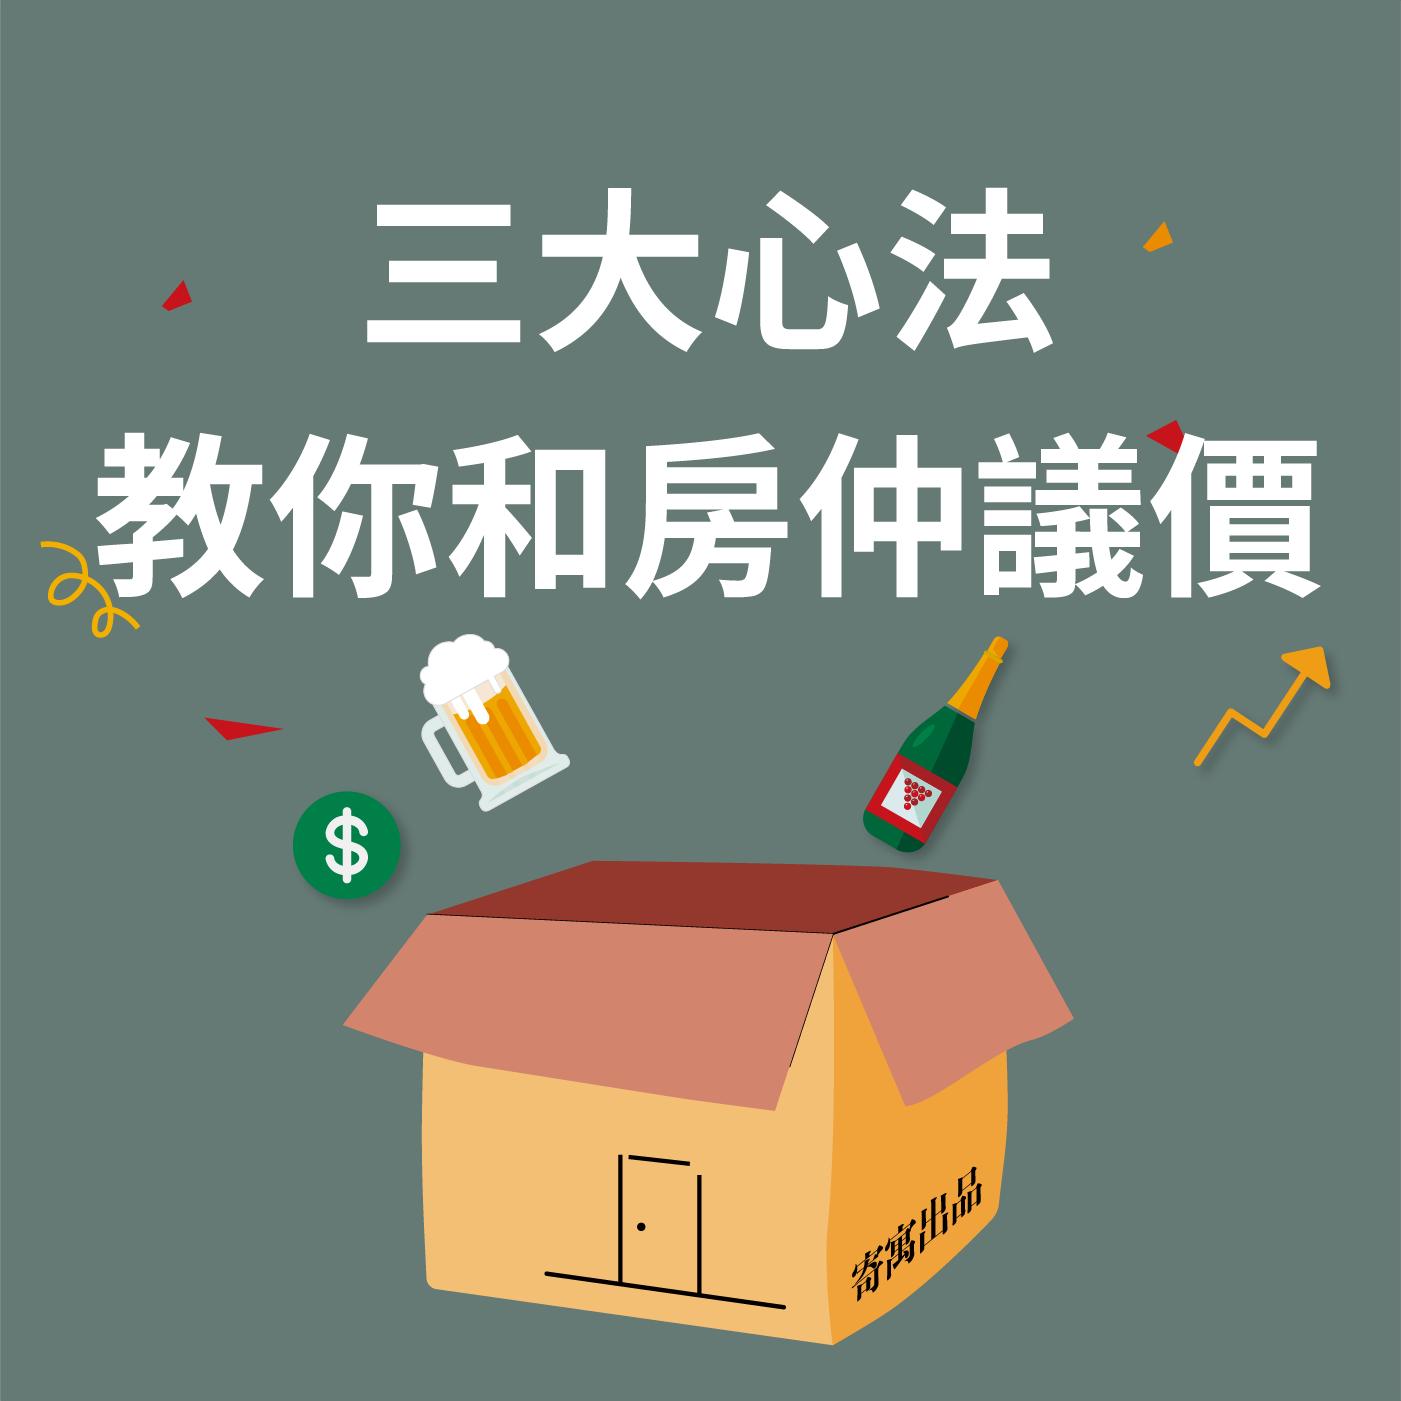 【買房攻略】三大心法教你和房仲議價|S3 EP1 歐本豪斯 Open House